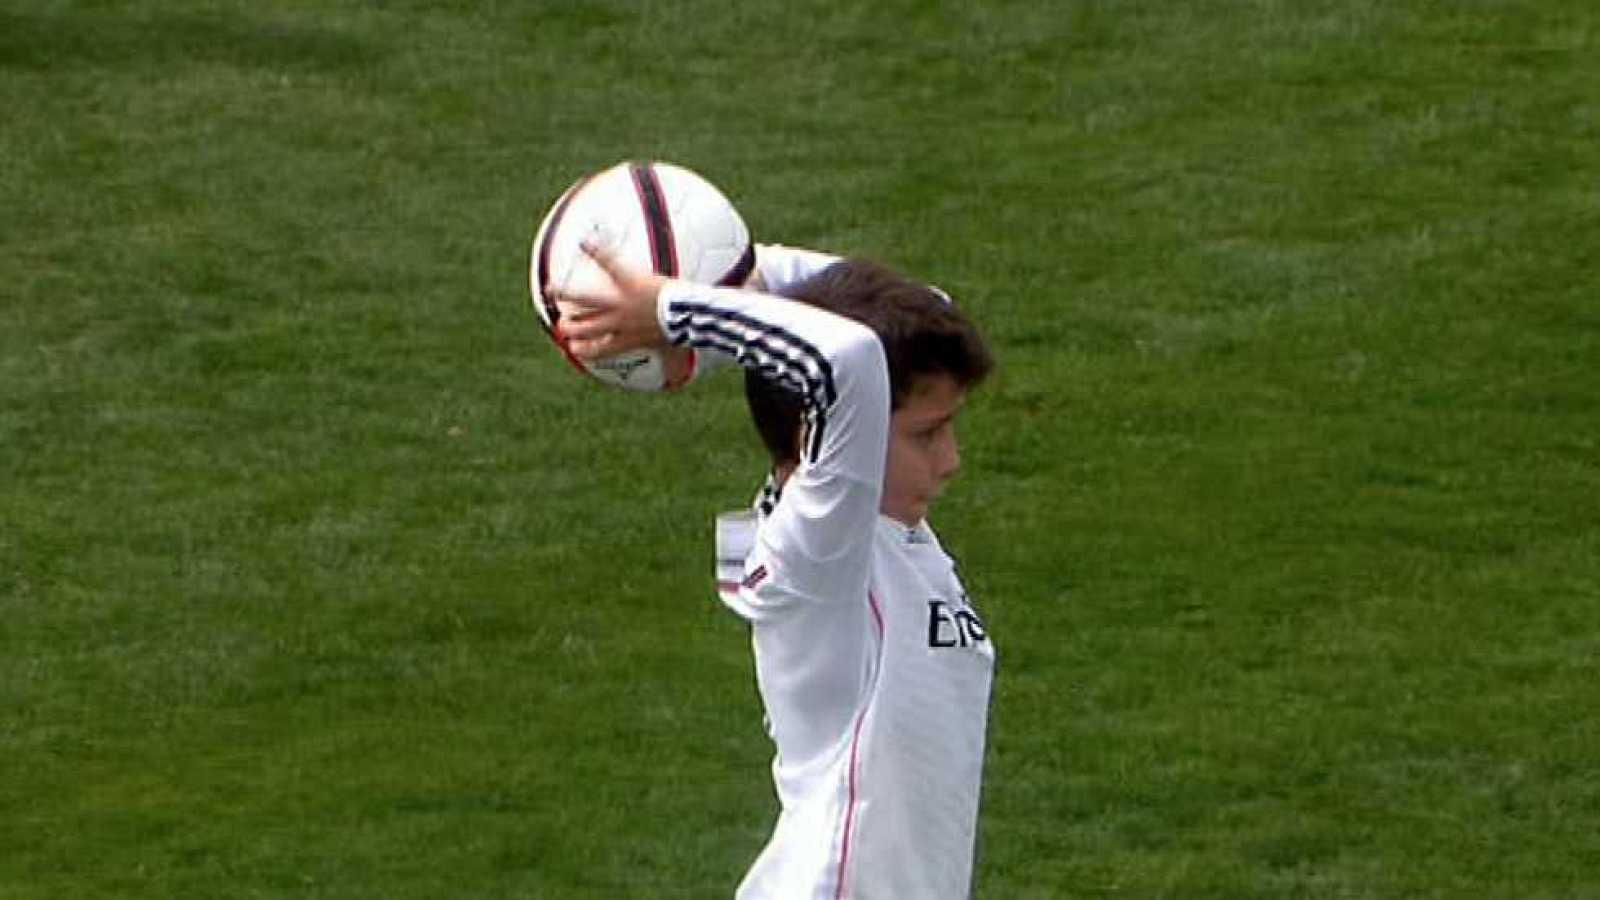 Para todos los públicos Fútbol - Iscar Cup - Semifinal  Real Madrid-Córdoba  - ver ahora reproducir video c11d98a4764a9